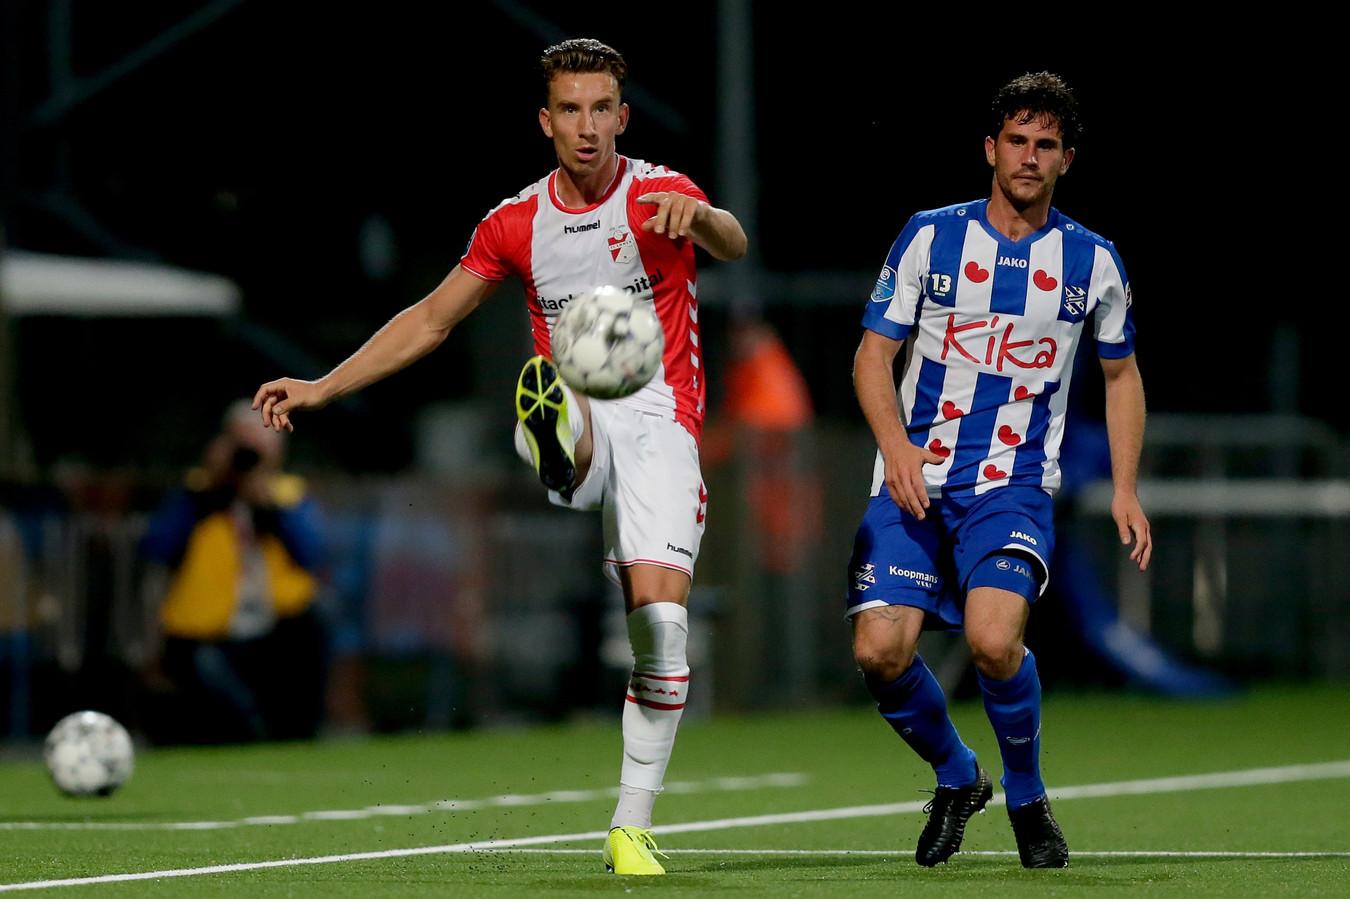 (L-R) Glenn Bijl of FC Emmen, Jordy Bruijn of SC Heerenveen during FC Emmen - SC Heerenveen NETHERLANDS, BELGIUM, LUXEMBURG ONLY COPYRIGHT BSR/SOCCRATES